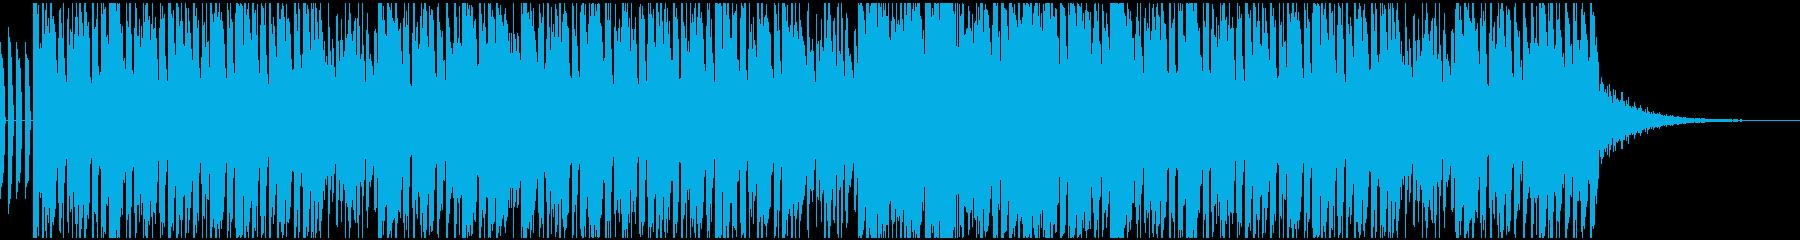 オープニング用テクノサウンドの再生済みの波形